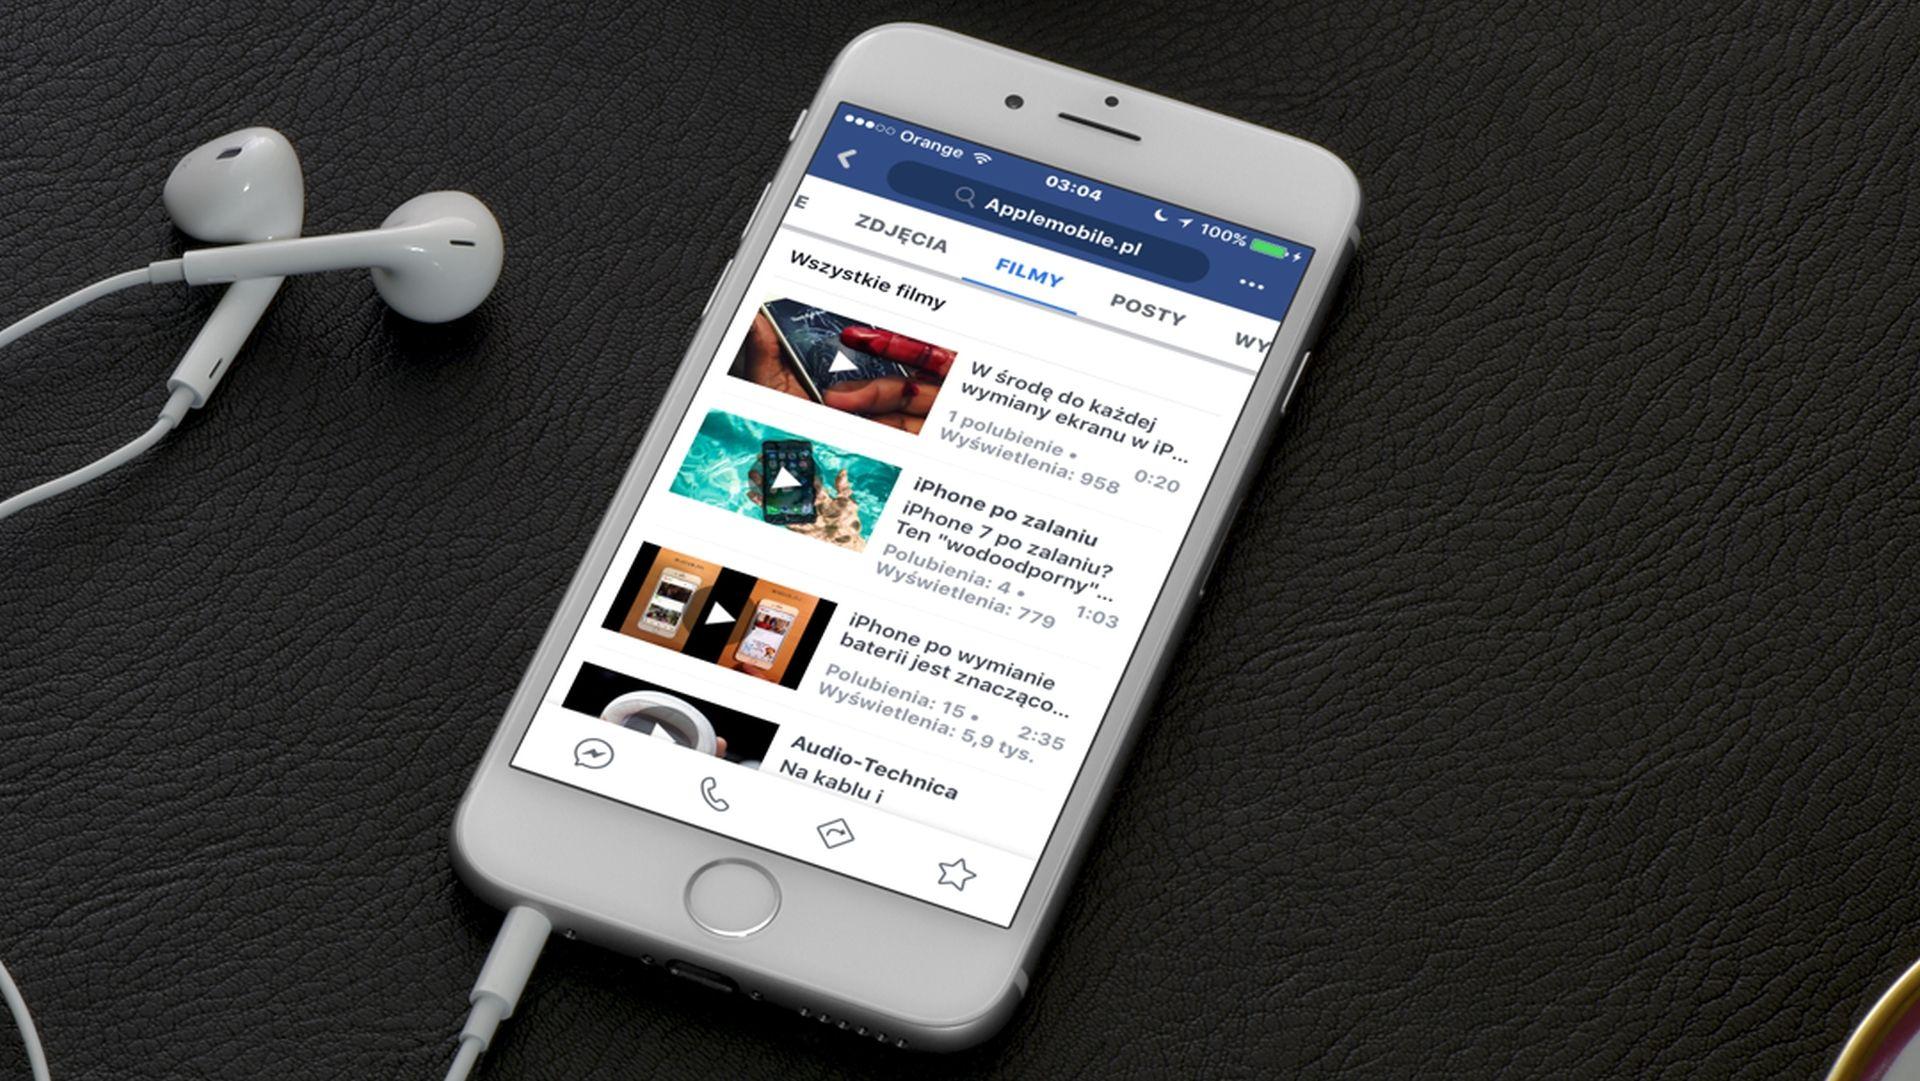 W jaki sposób pobierać filmy z Facebooka na iPhone'a i iPada?